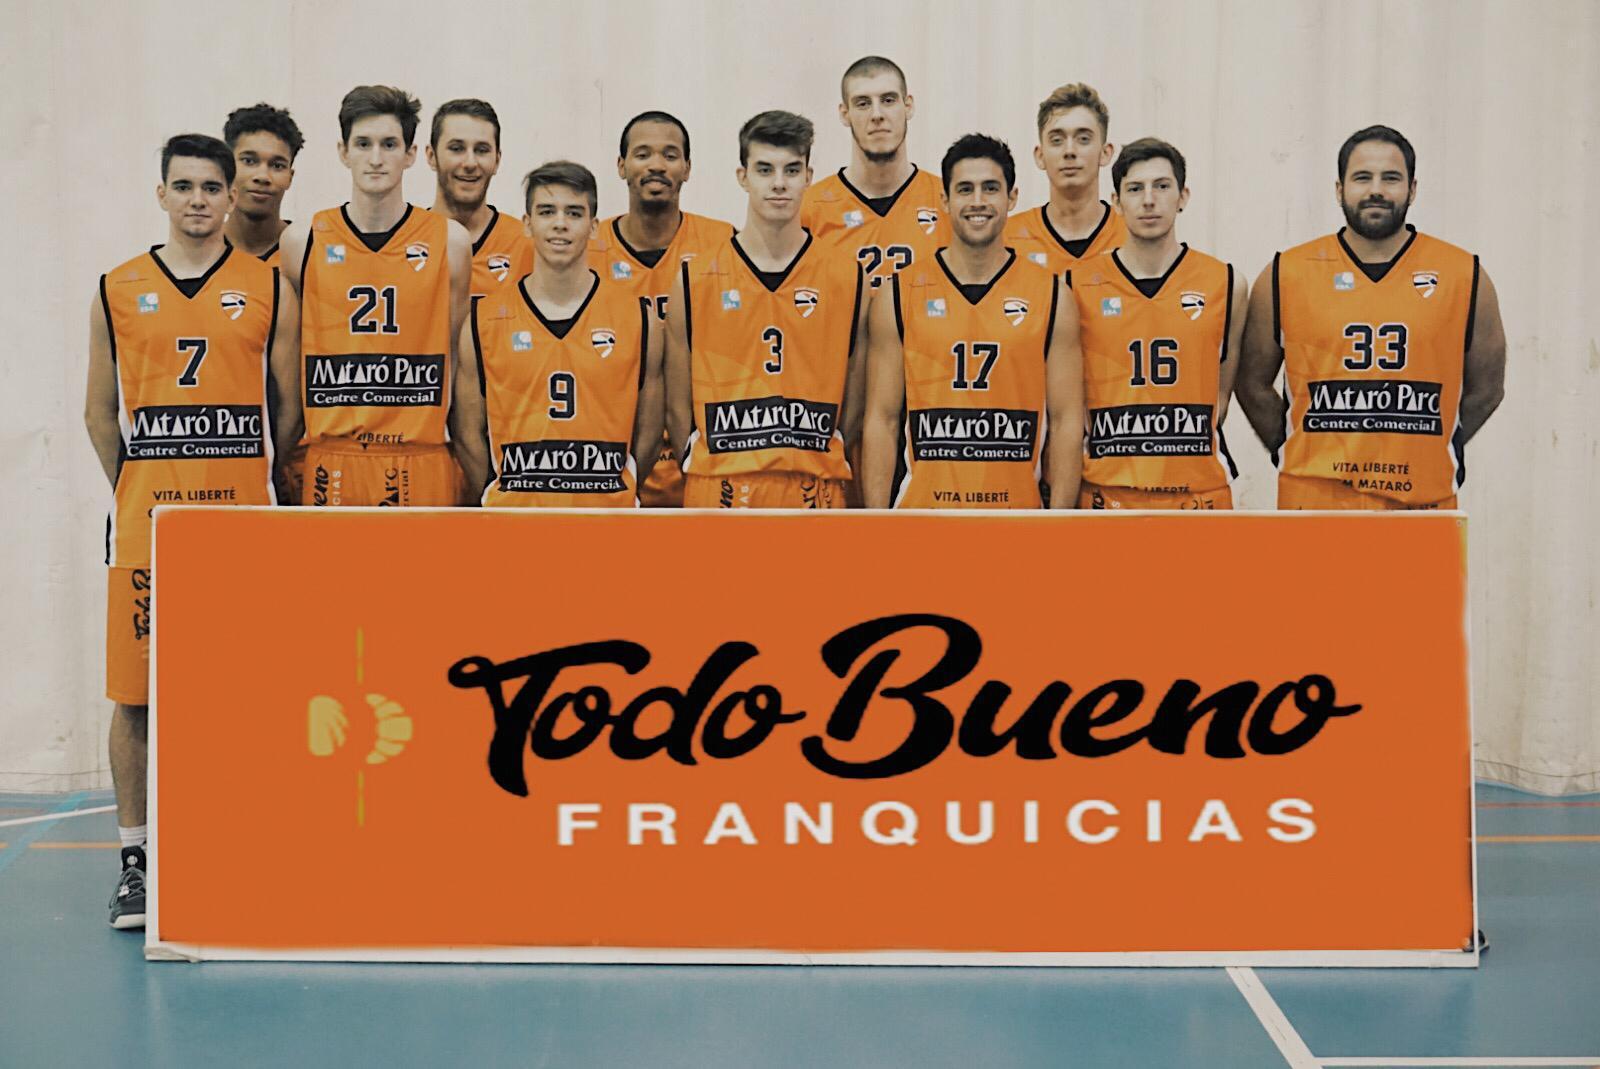 Todobueno patrocinador basket